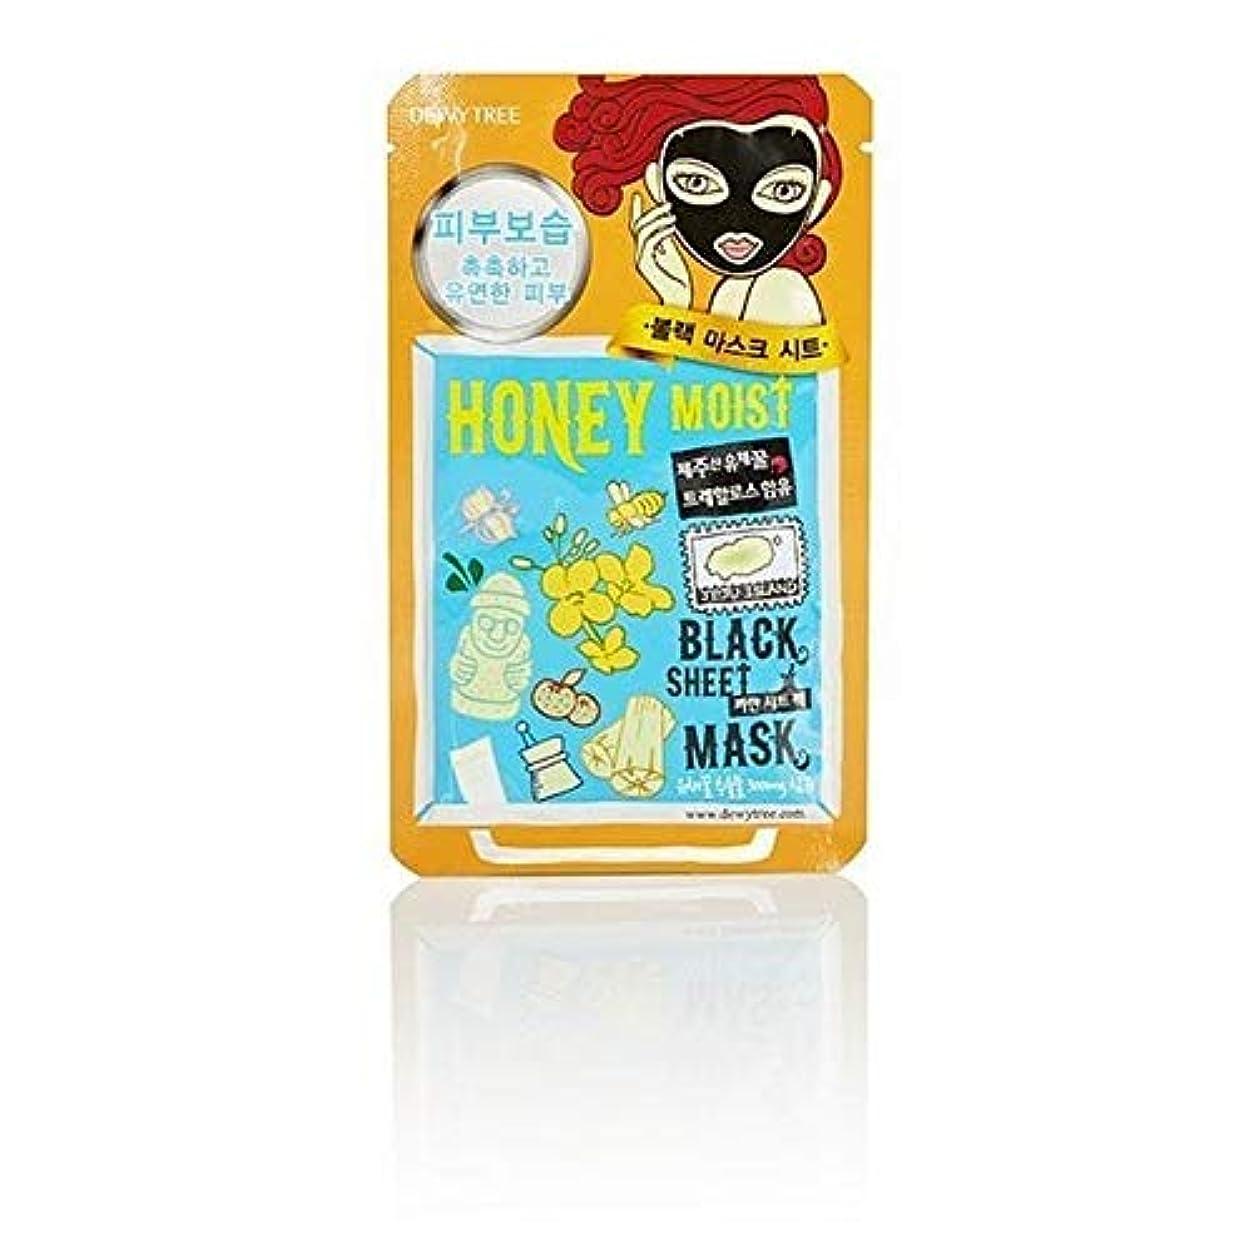 分解する砲兵ブラウス[Dewytree] Dewytree炭&はちみつ水分黒いシートマスク30グラム - Dewytree Charcoal & Honey Moisture Black Sheet Mask 30g [並行輸入品]